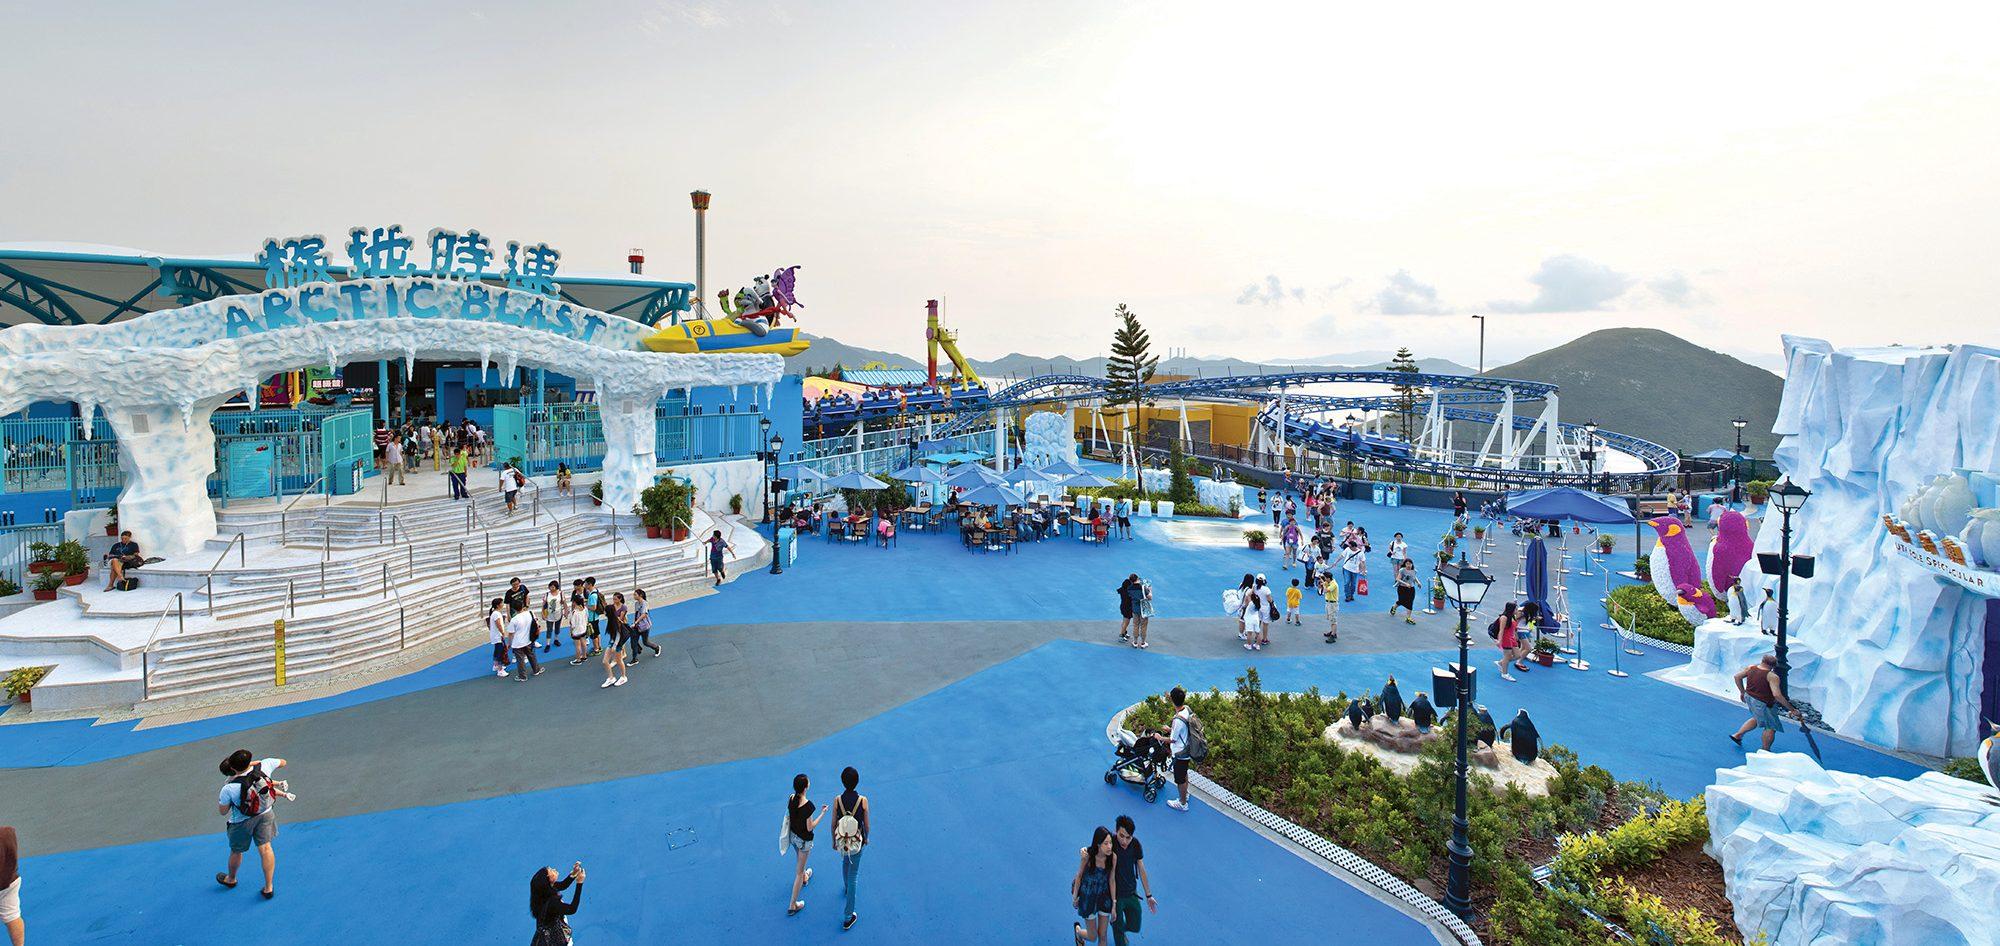 香港海洋公园高峰乐园冰极天地